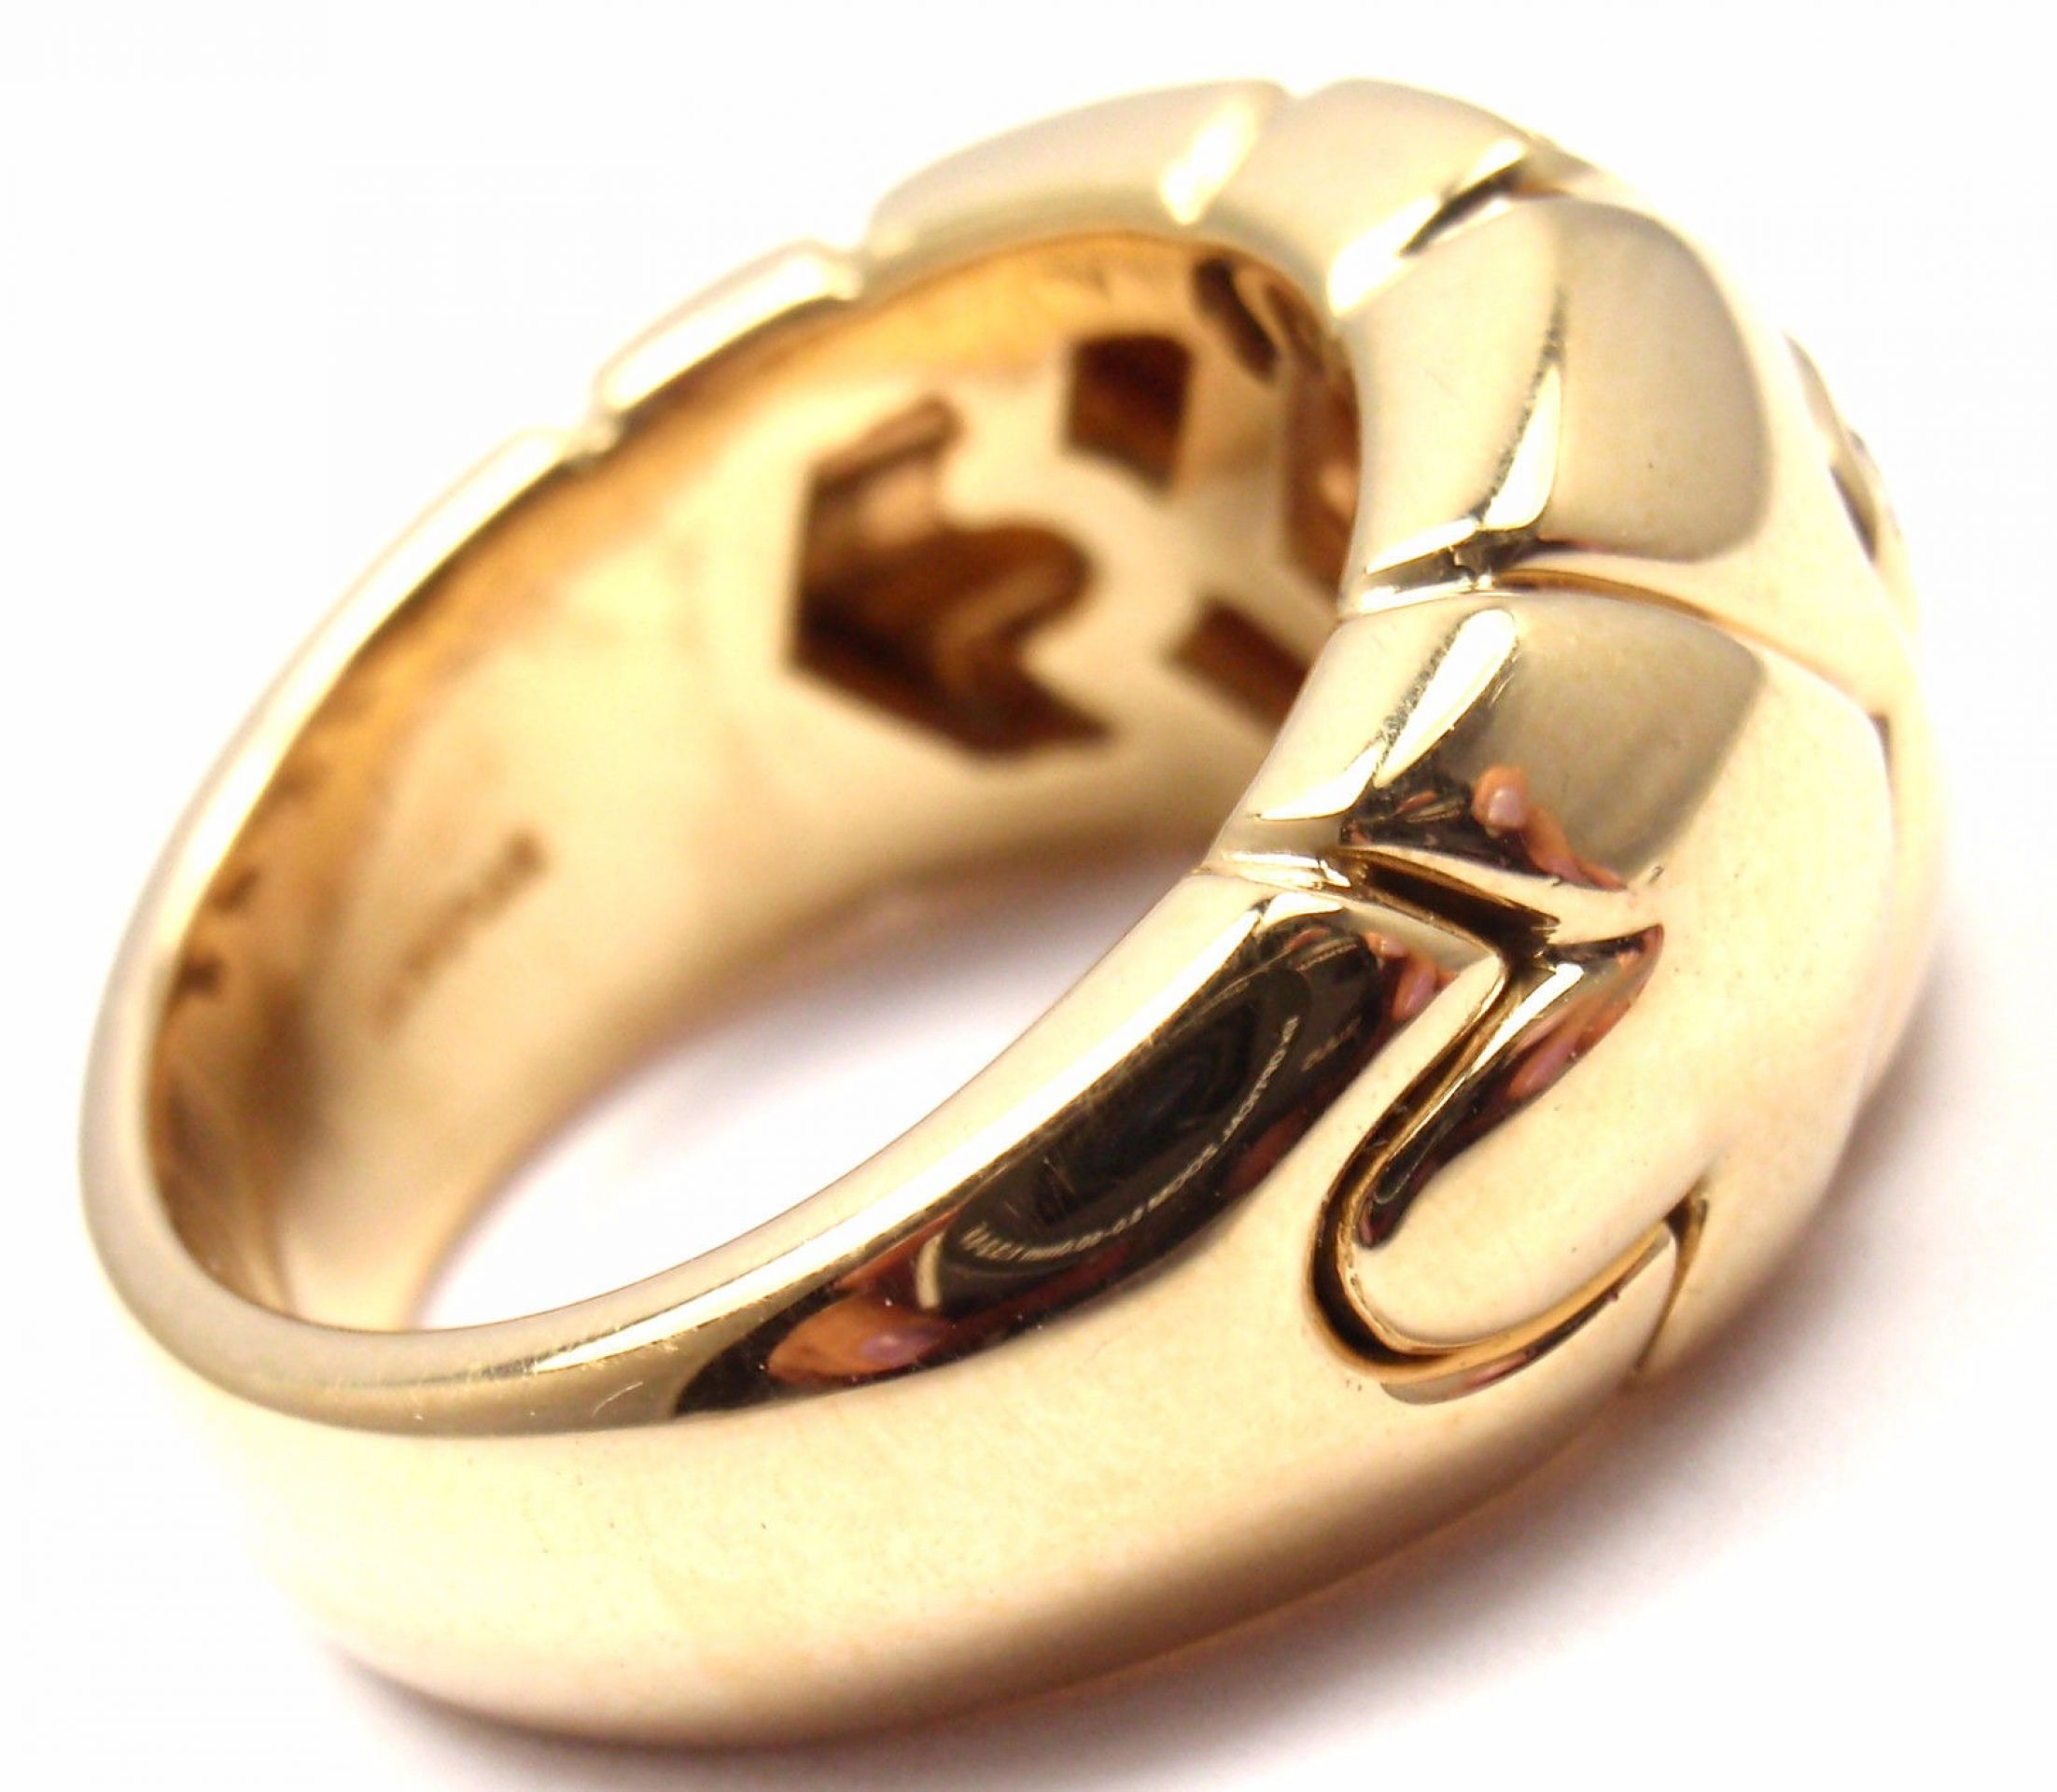 Authentic! Bulgari Bvlgari 18k Yellow Gold Diamond Arrow Wide Band Ring